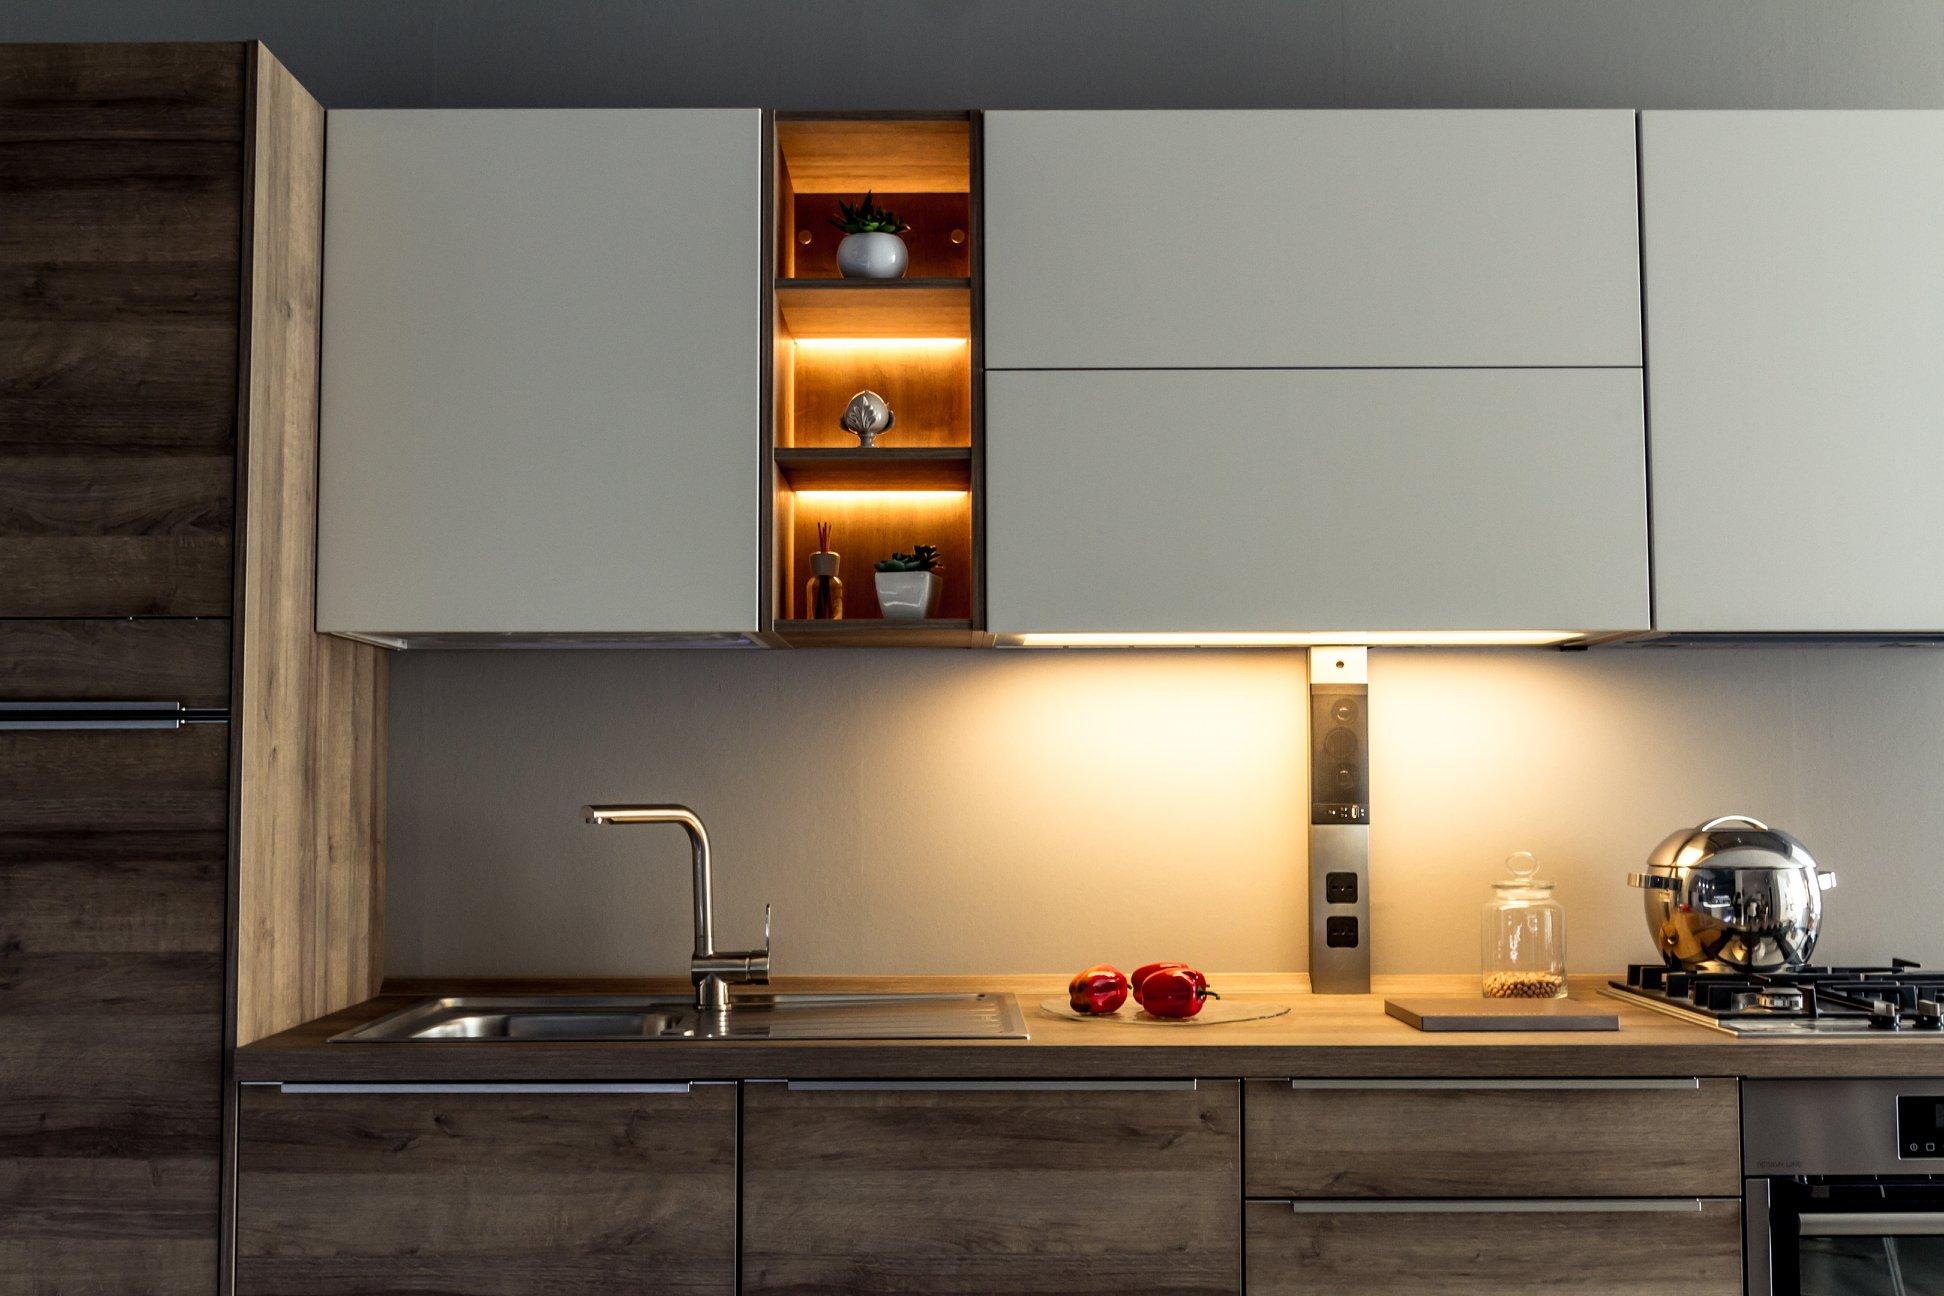 come progettare una cucina a parete? - Soluzioni Casa